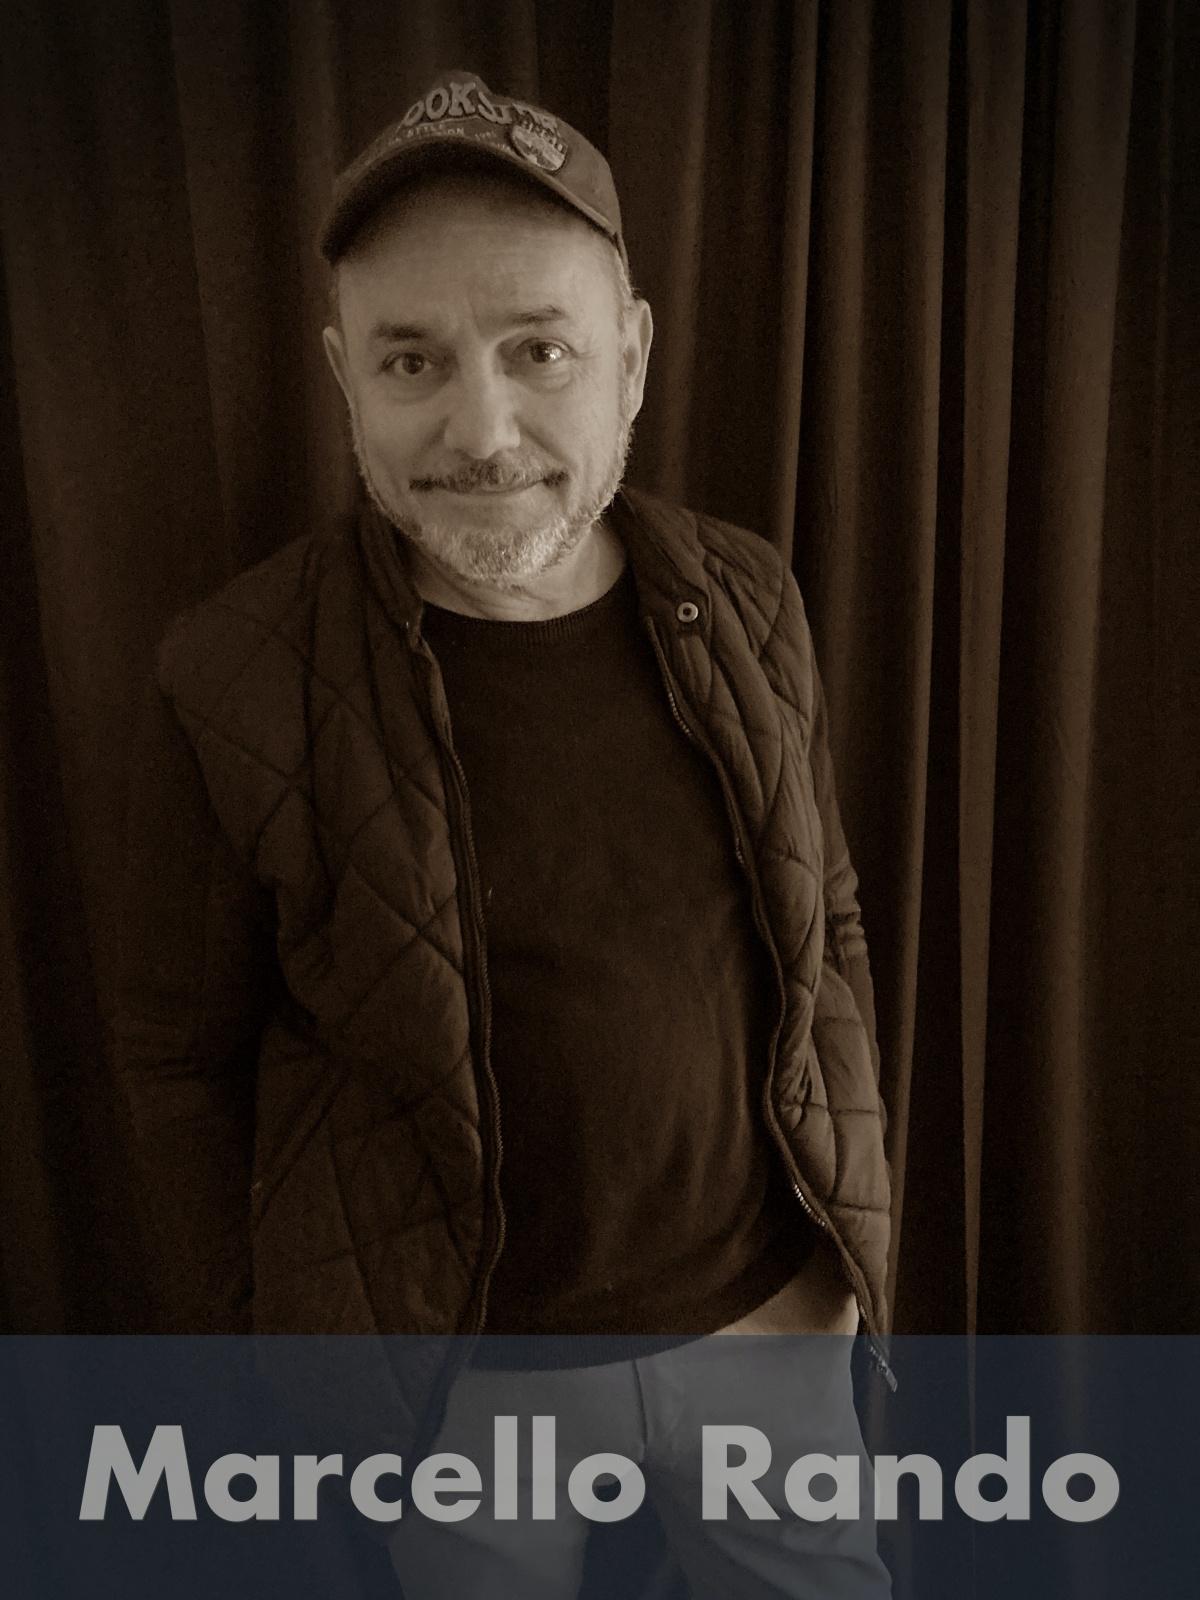 Marcello Rando